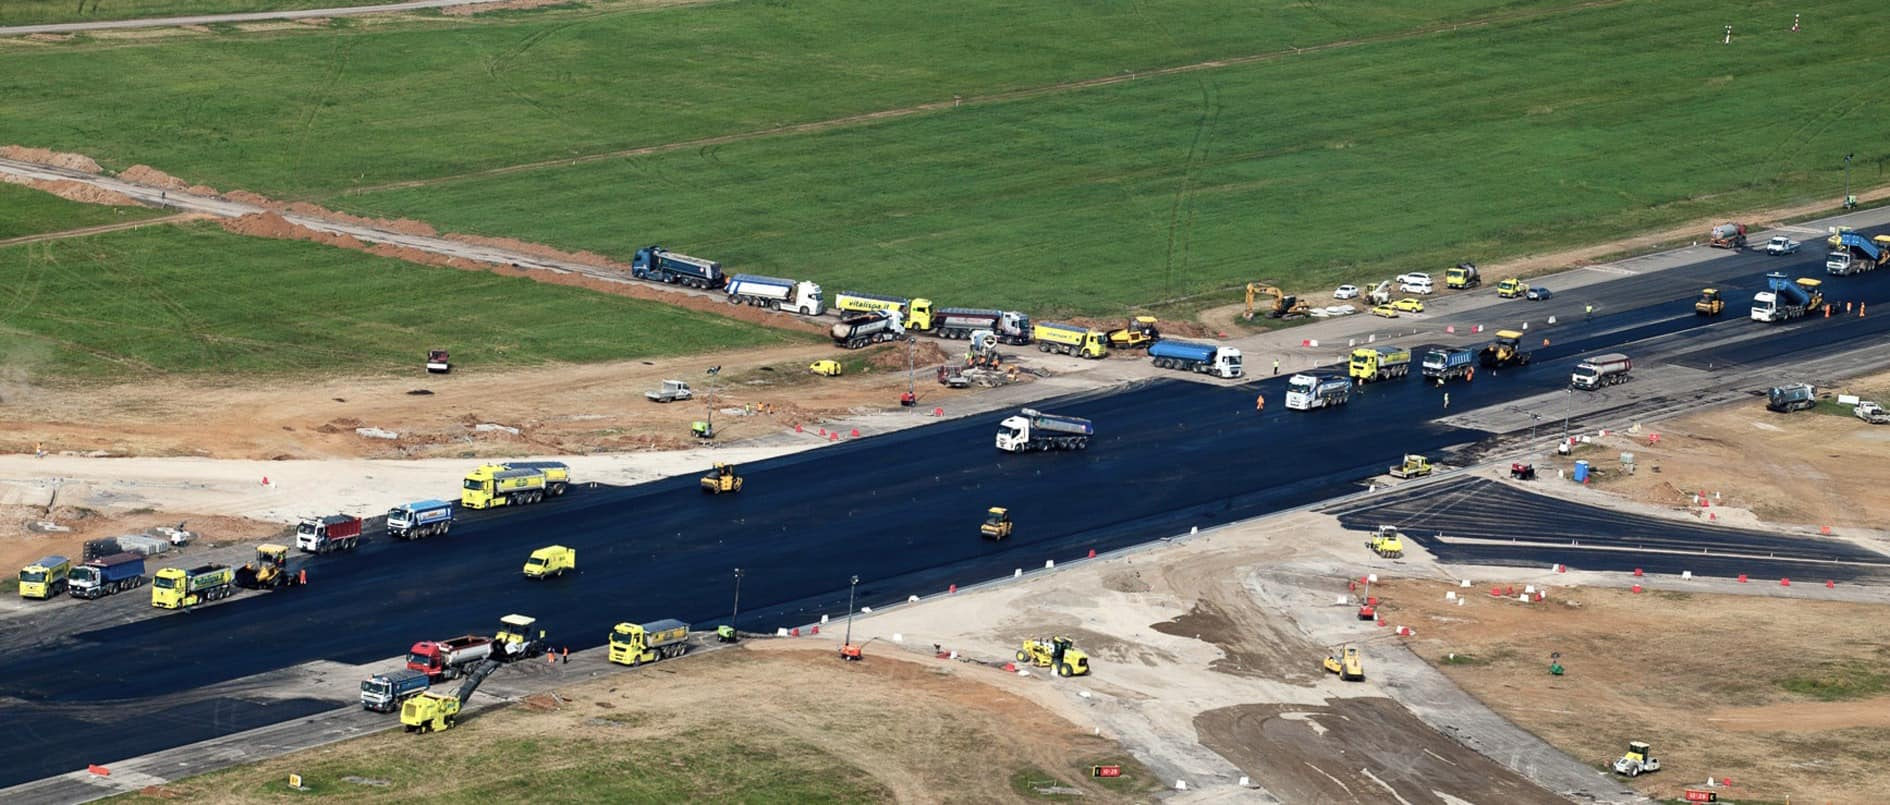 Nel cantiere di Orio al Serio si sono visti numeri importanti con il rifacimento totale della pista per unasuperficie complessiva di 550.000 m2, oltre 400 km di cavi posati, 2.000 nuove luci a LED, 70.000 m2di segnaletica orizzontale per un investimento complessivo di oltre 50 milioni di Euro